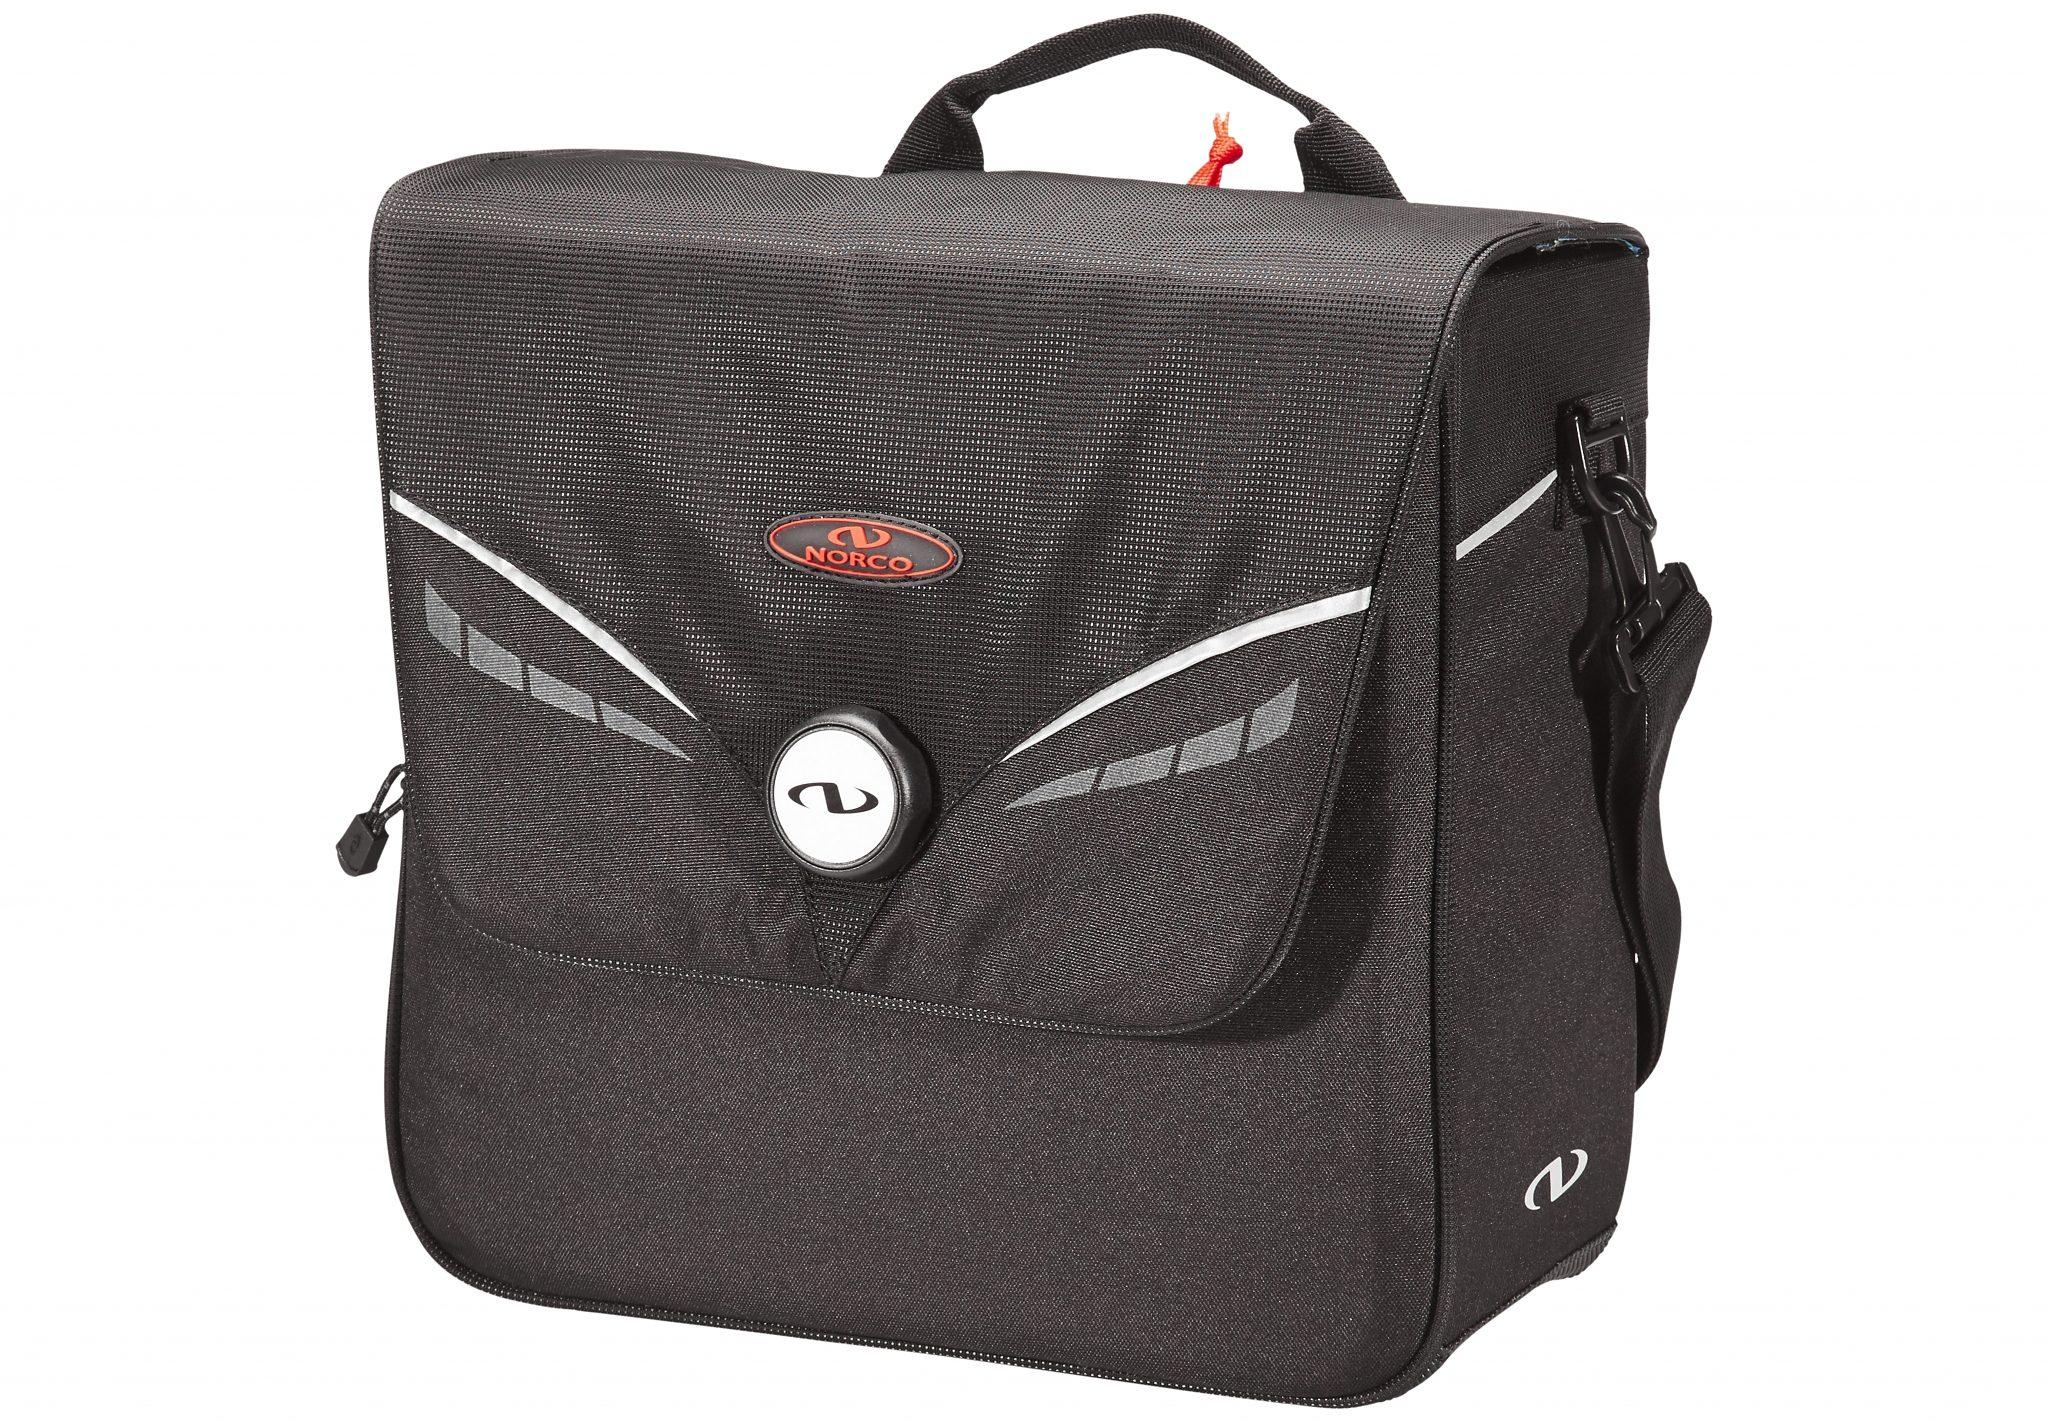 Norco Gepäckträgertasche »Boston City Tasche M-Turn«